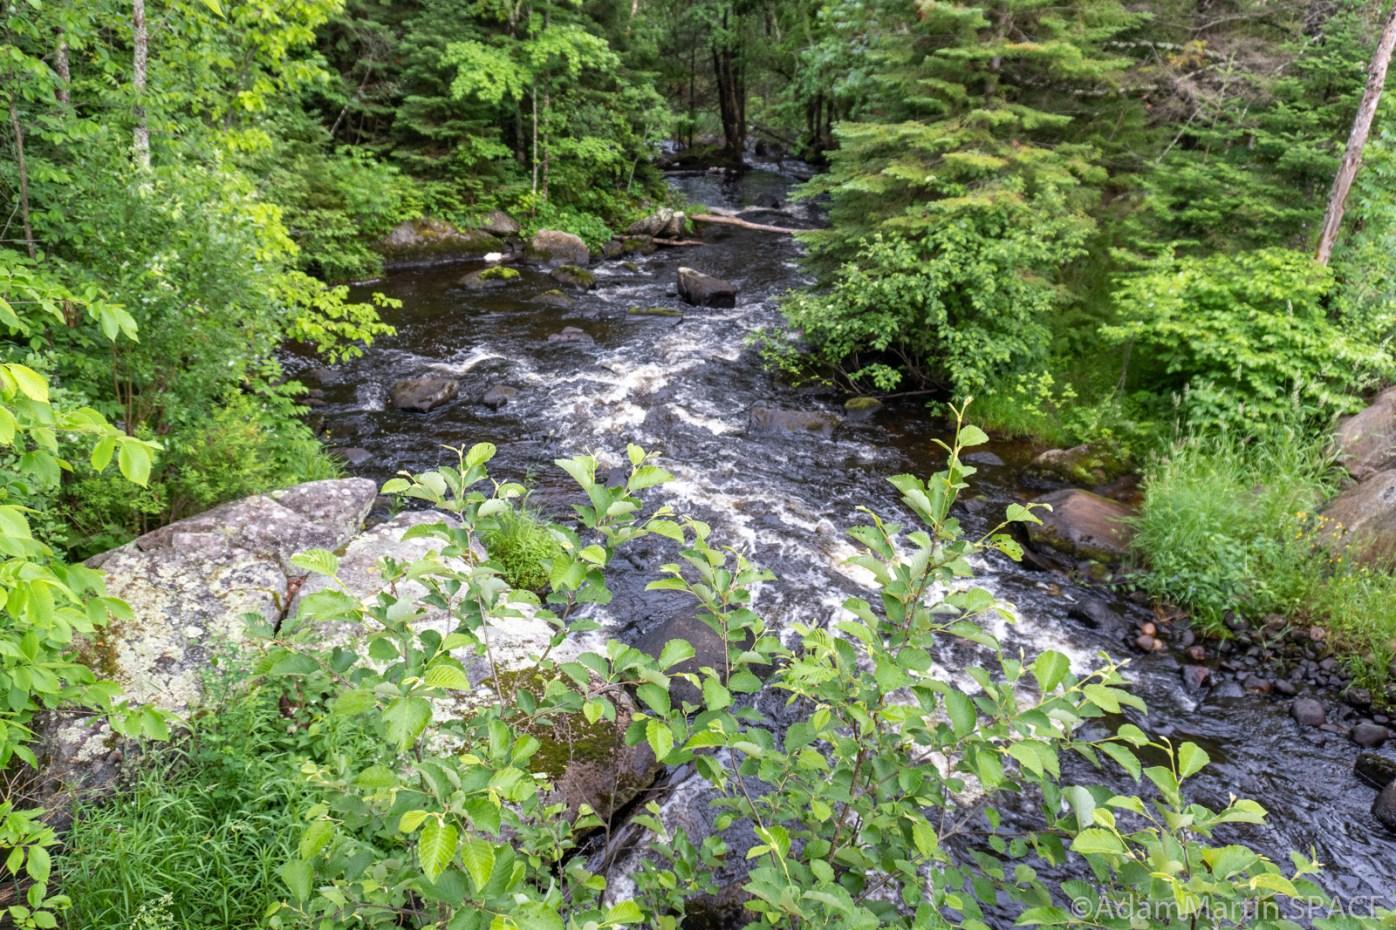 Armstrong Creek Rapids